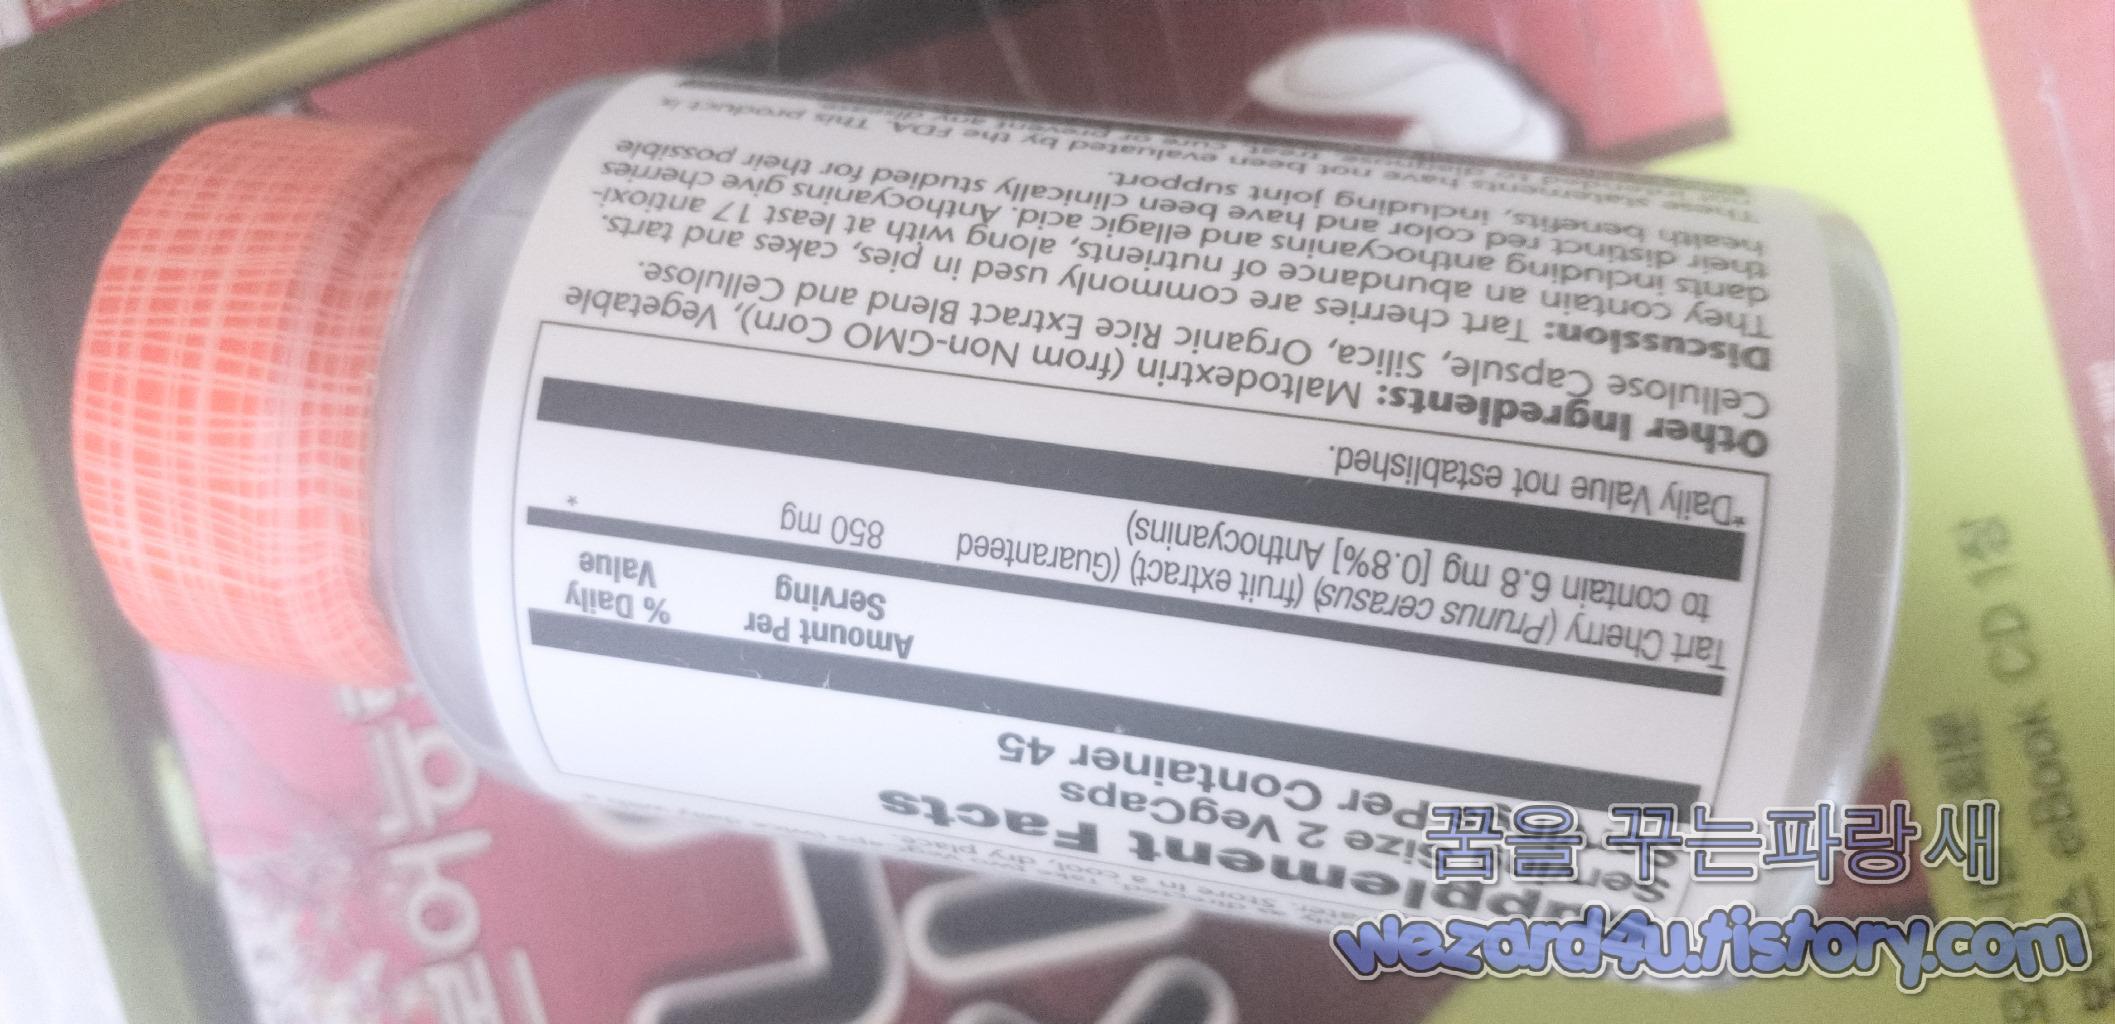 천연 멜라토닌 타트체리-Solaray Tart Cherry Fruit Extract 425 mg(2)